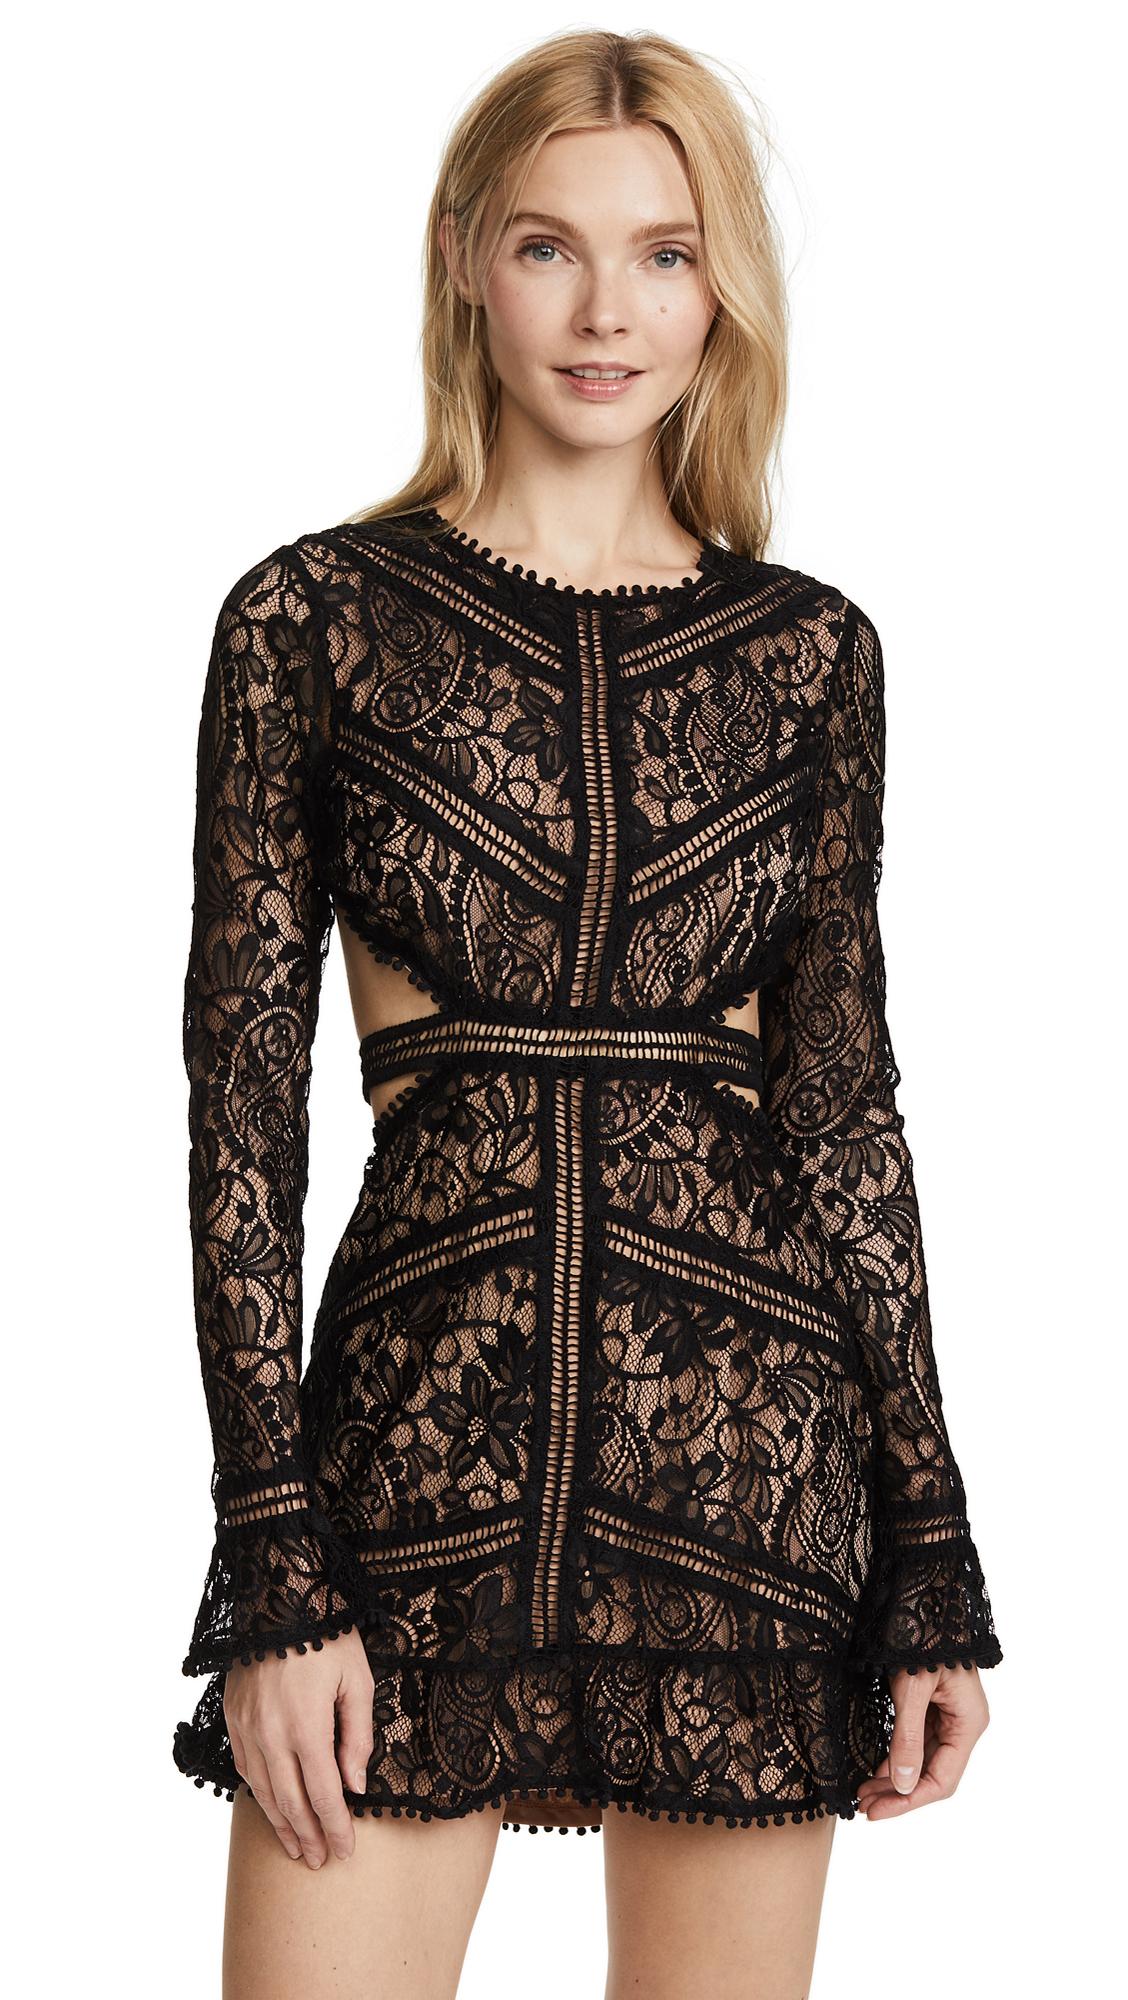 For Love & Lemons Emerie Cutout Dress - Black